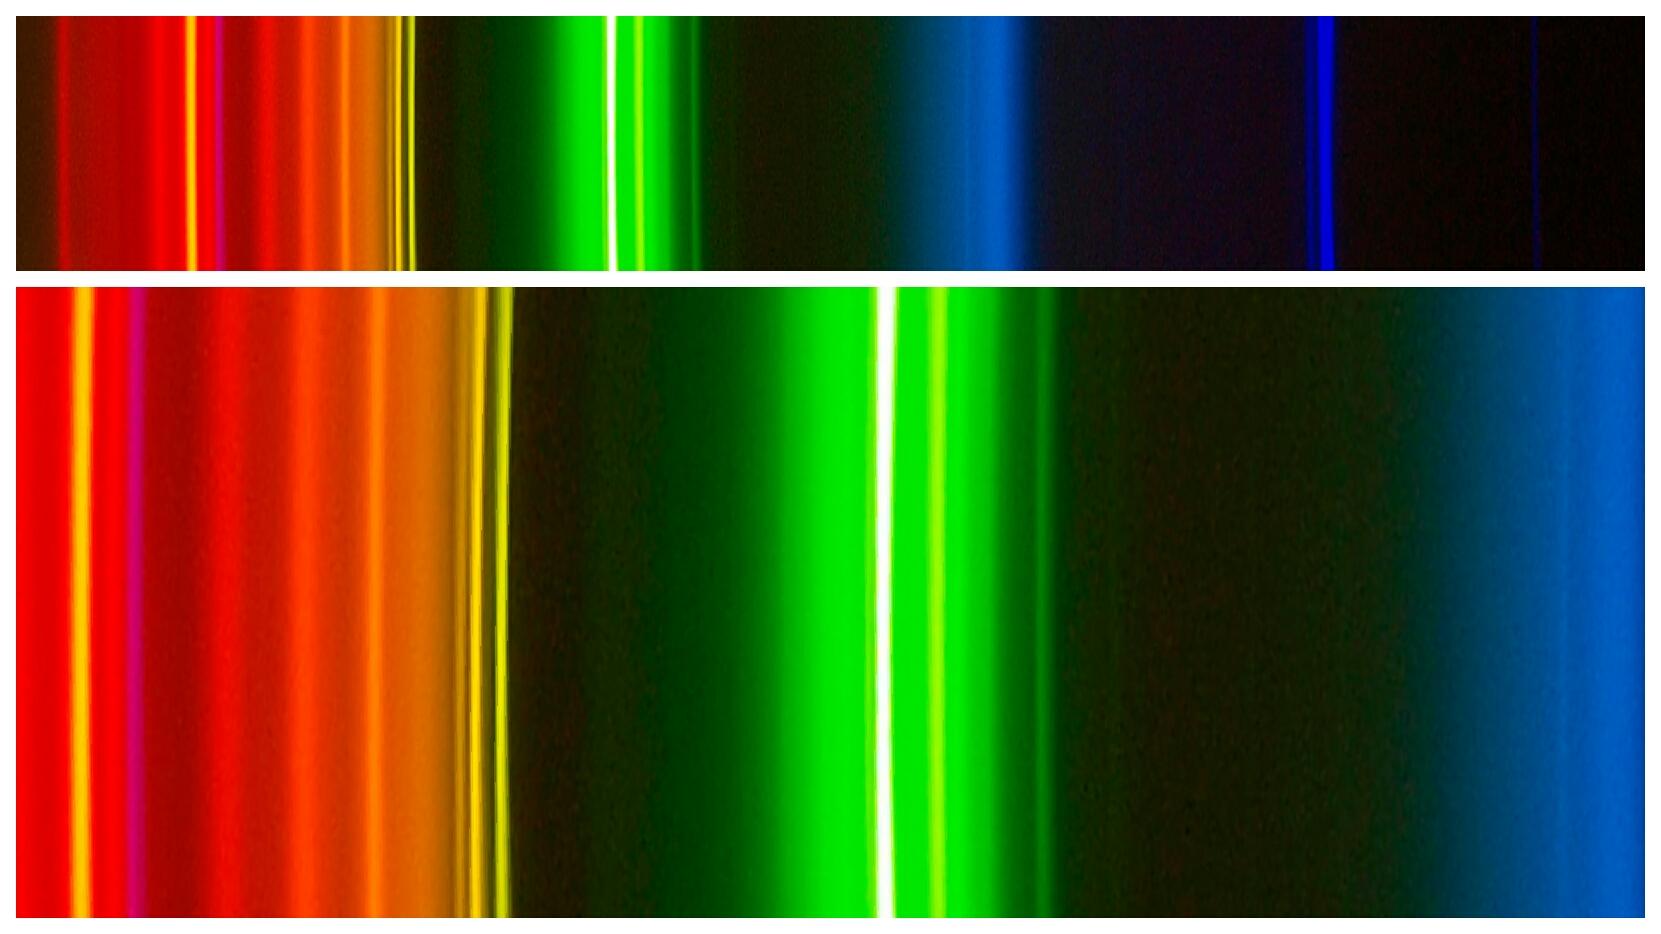 Espectro correspondiente a una bombilla halógena